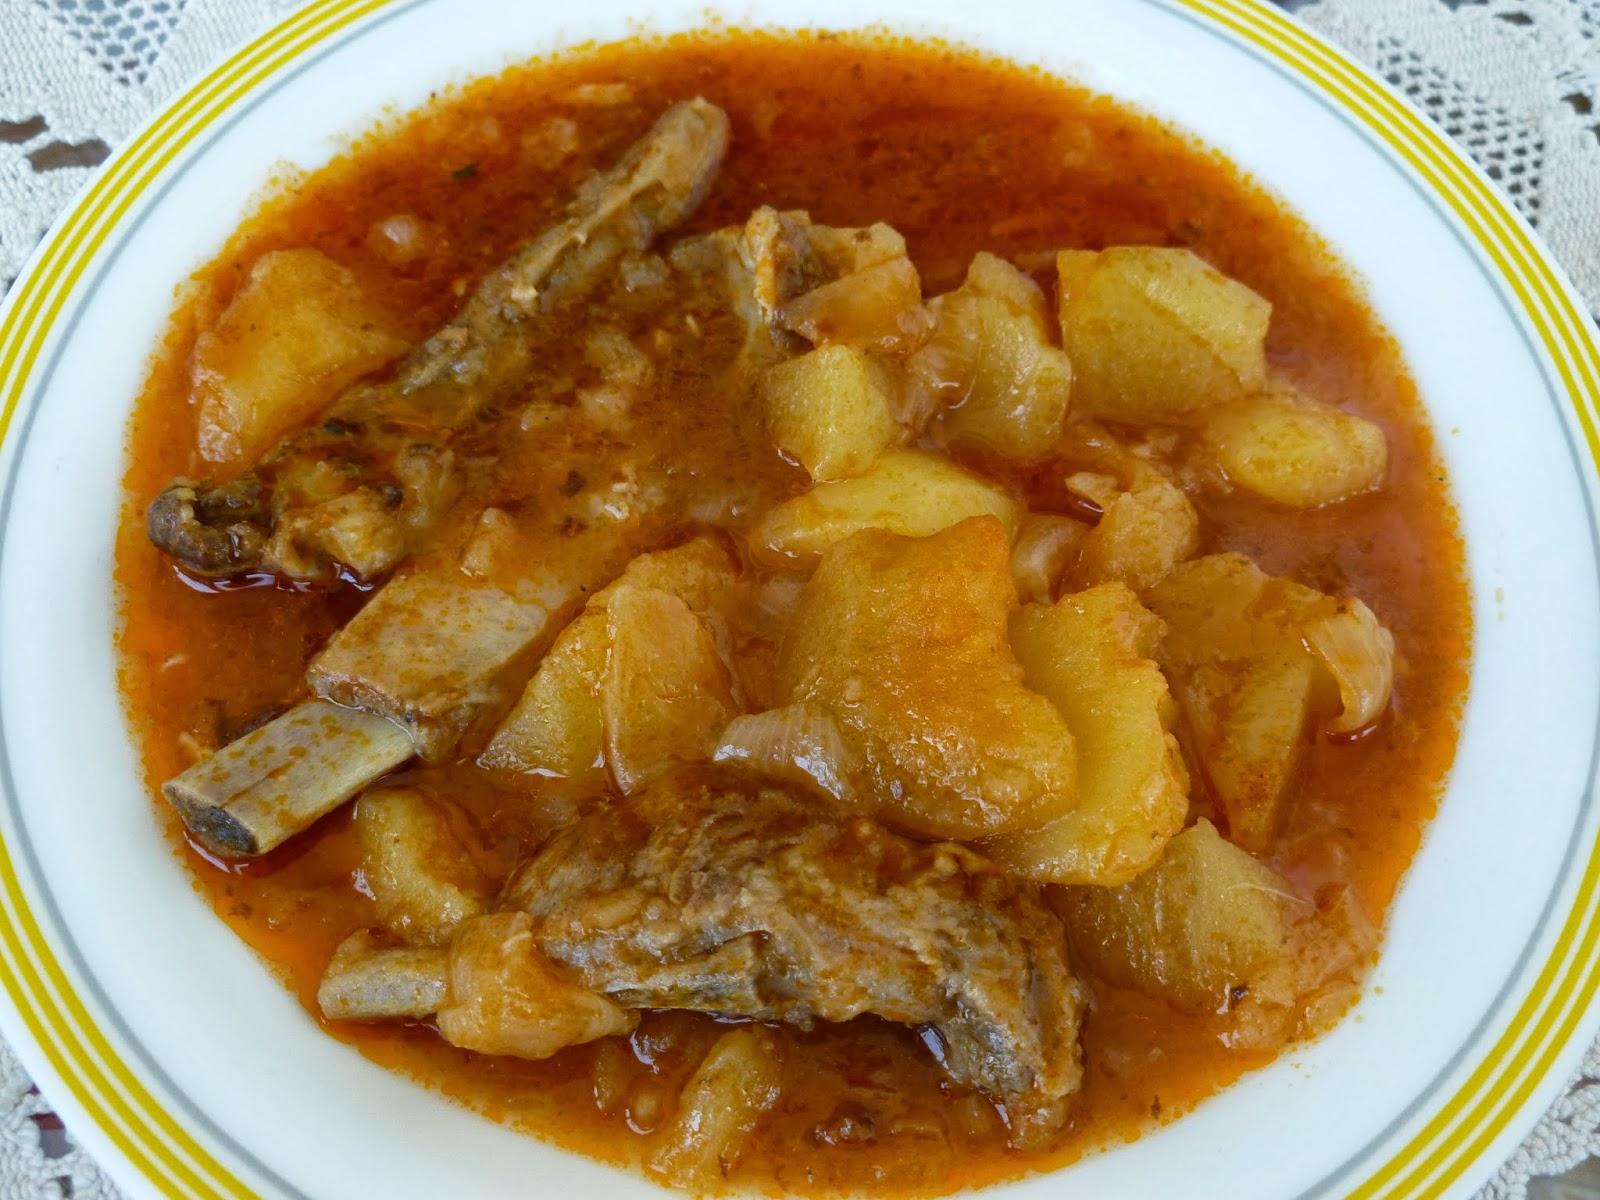 Costillas de cerdo con patatas recetas - Patatas con costillas de cerdo ...